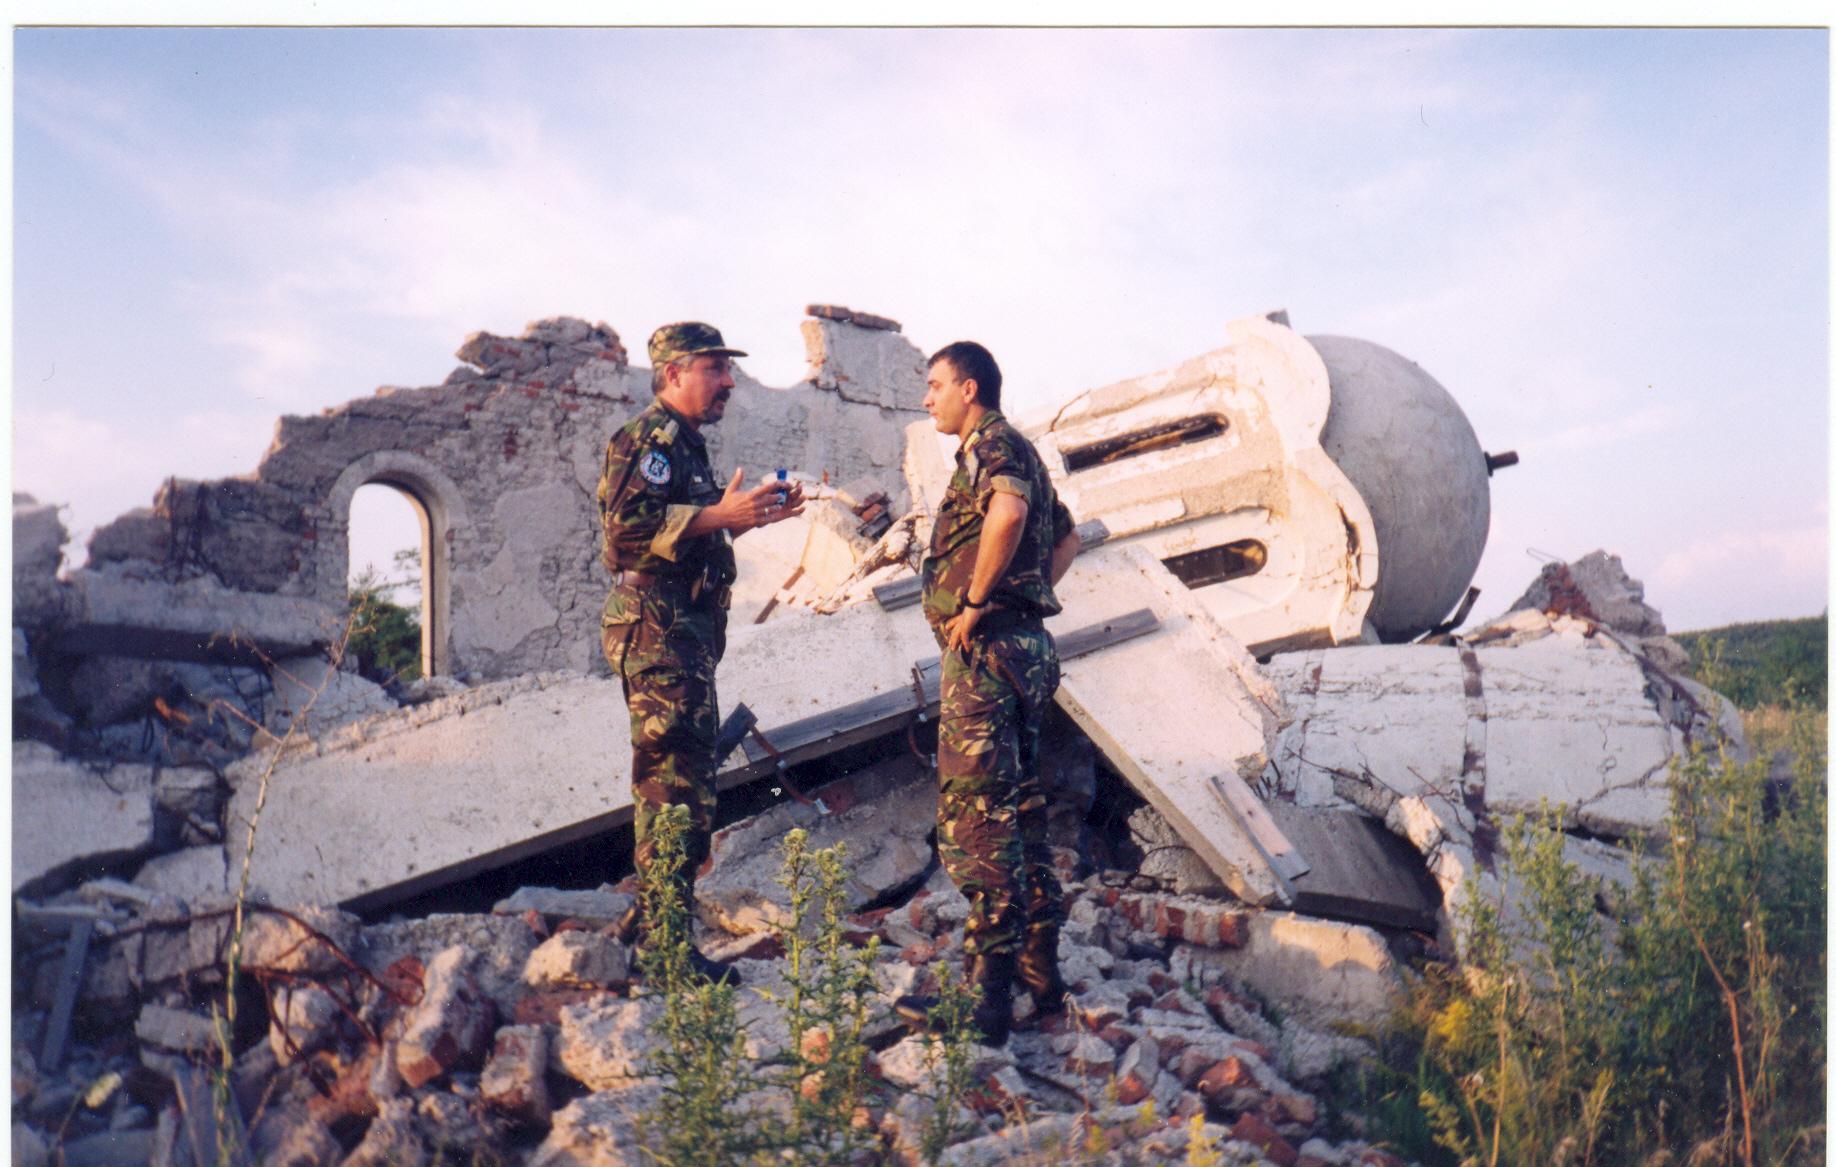 07 Biserica ortodoxa sarba aruncata in aer de albanezii kosovari in vestul Kosovo